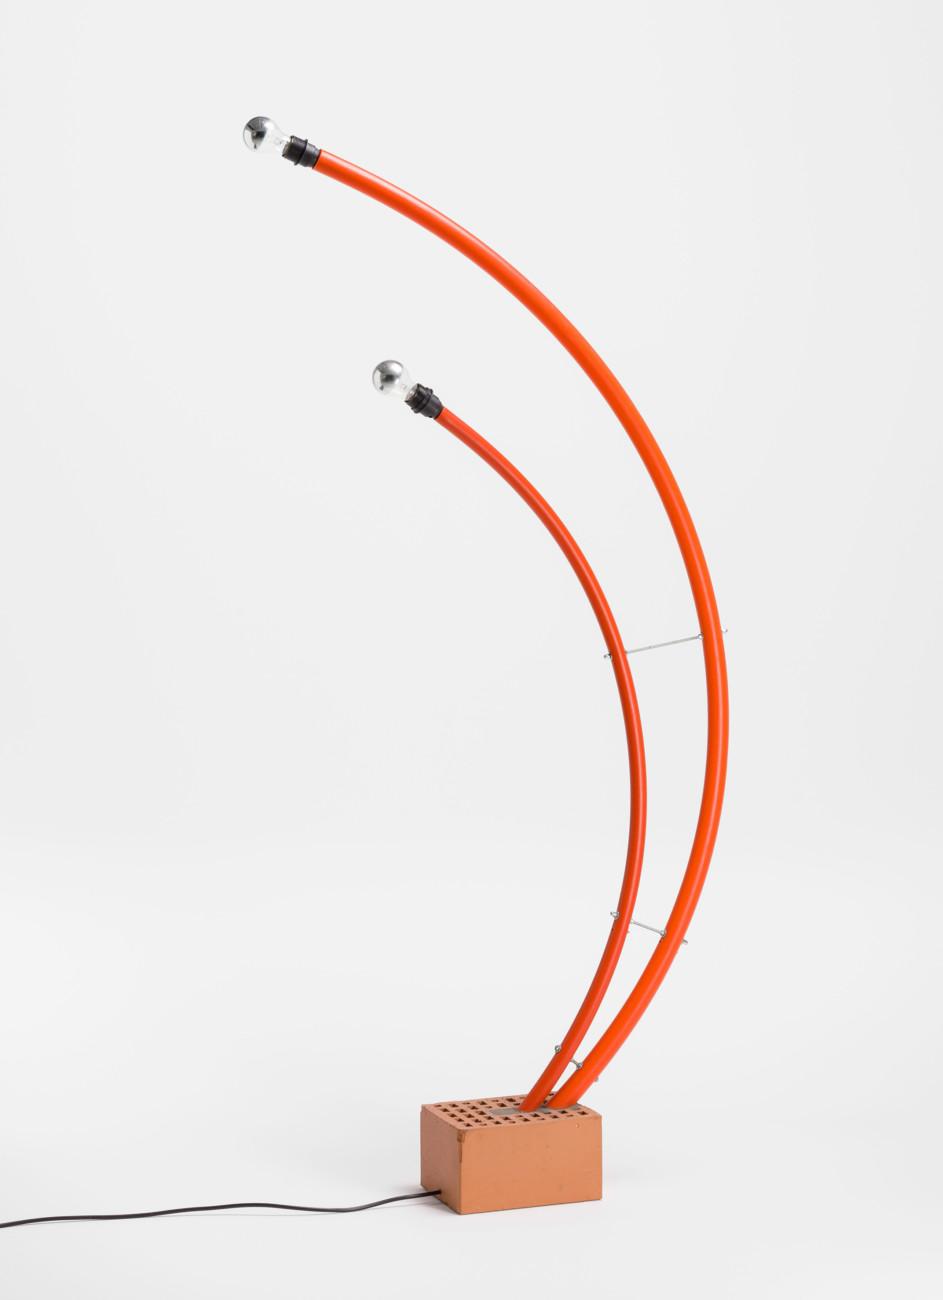 Susi and Ueli Berger: Rohbauhauslampe (1988), Museum für Gestaltung Zürich, Designsammlung